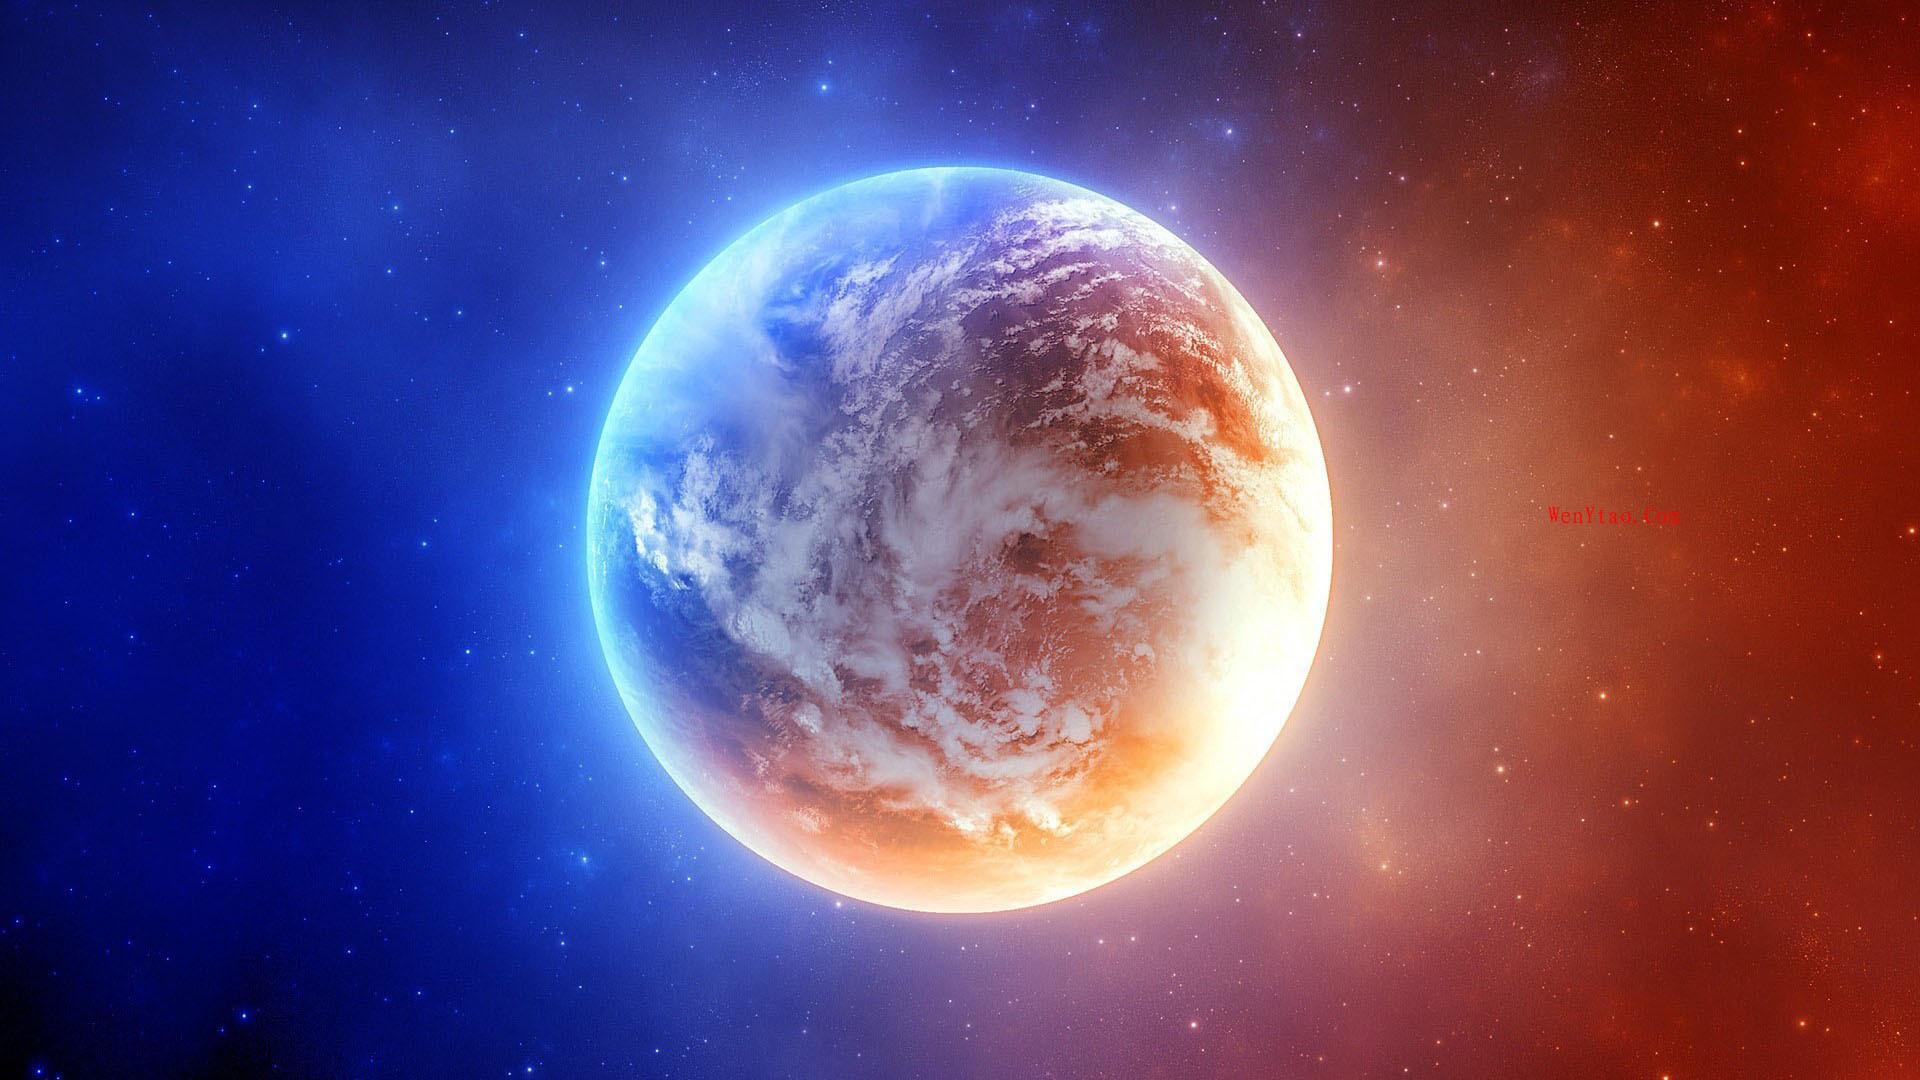 风景奇幻梦境山峰星空繁星云雾夜晚星空星球梦幻5k壁纸 风景 第15张